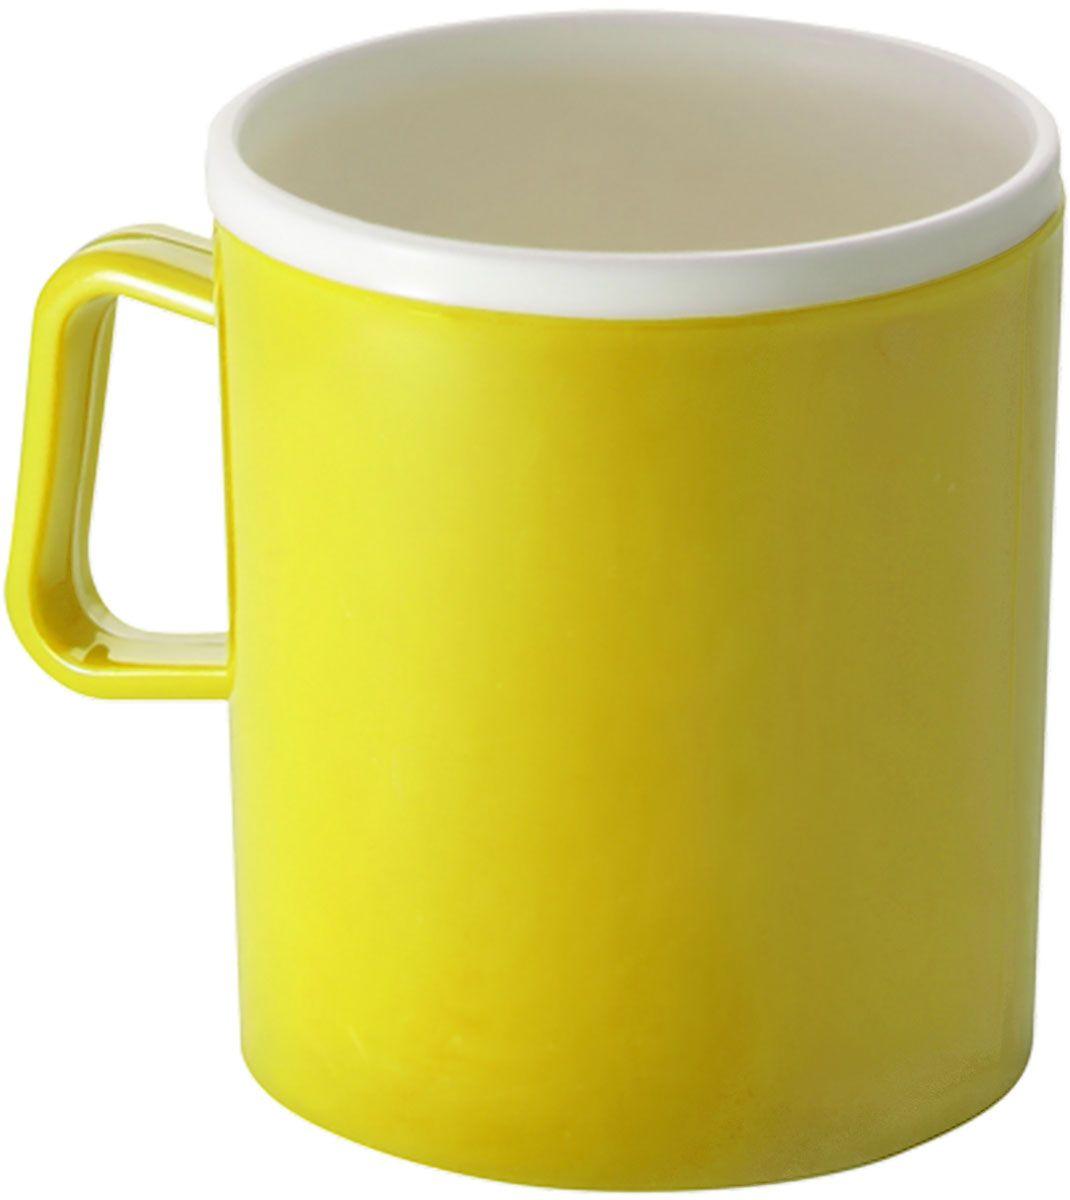 Термокружка Plastic Centre, двойная, цвет: желтый, 350 млVT-1520(SR)Термокружка Plastic Centre с двойными стенками предназначена для горячих напитков и прекрасно сохраняет их температуру. Прочный пластик подходит для многократного использования. Легкую кружку удобно взять с собой на природу или в поездку. Можно мыть в посудомоечной машине.Объем кружки: 350 мл.Высота кружки: 10 см.